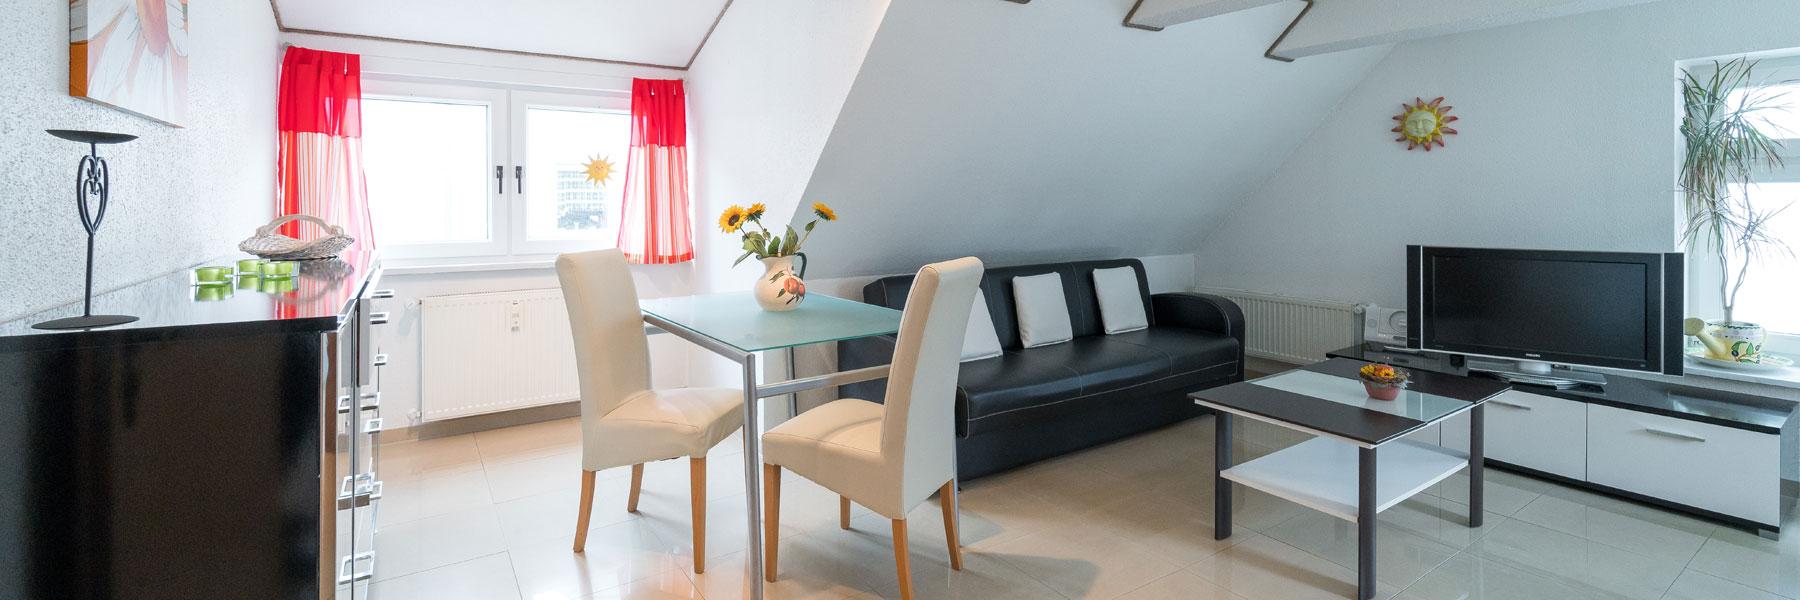 Economy Doppelzimmer - Hotel Am Müritzhafen